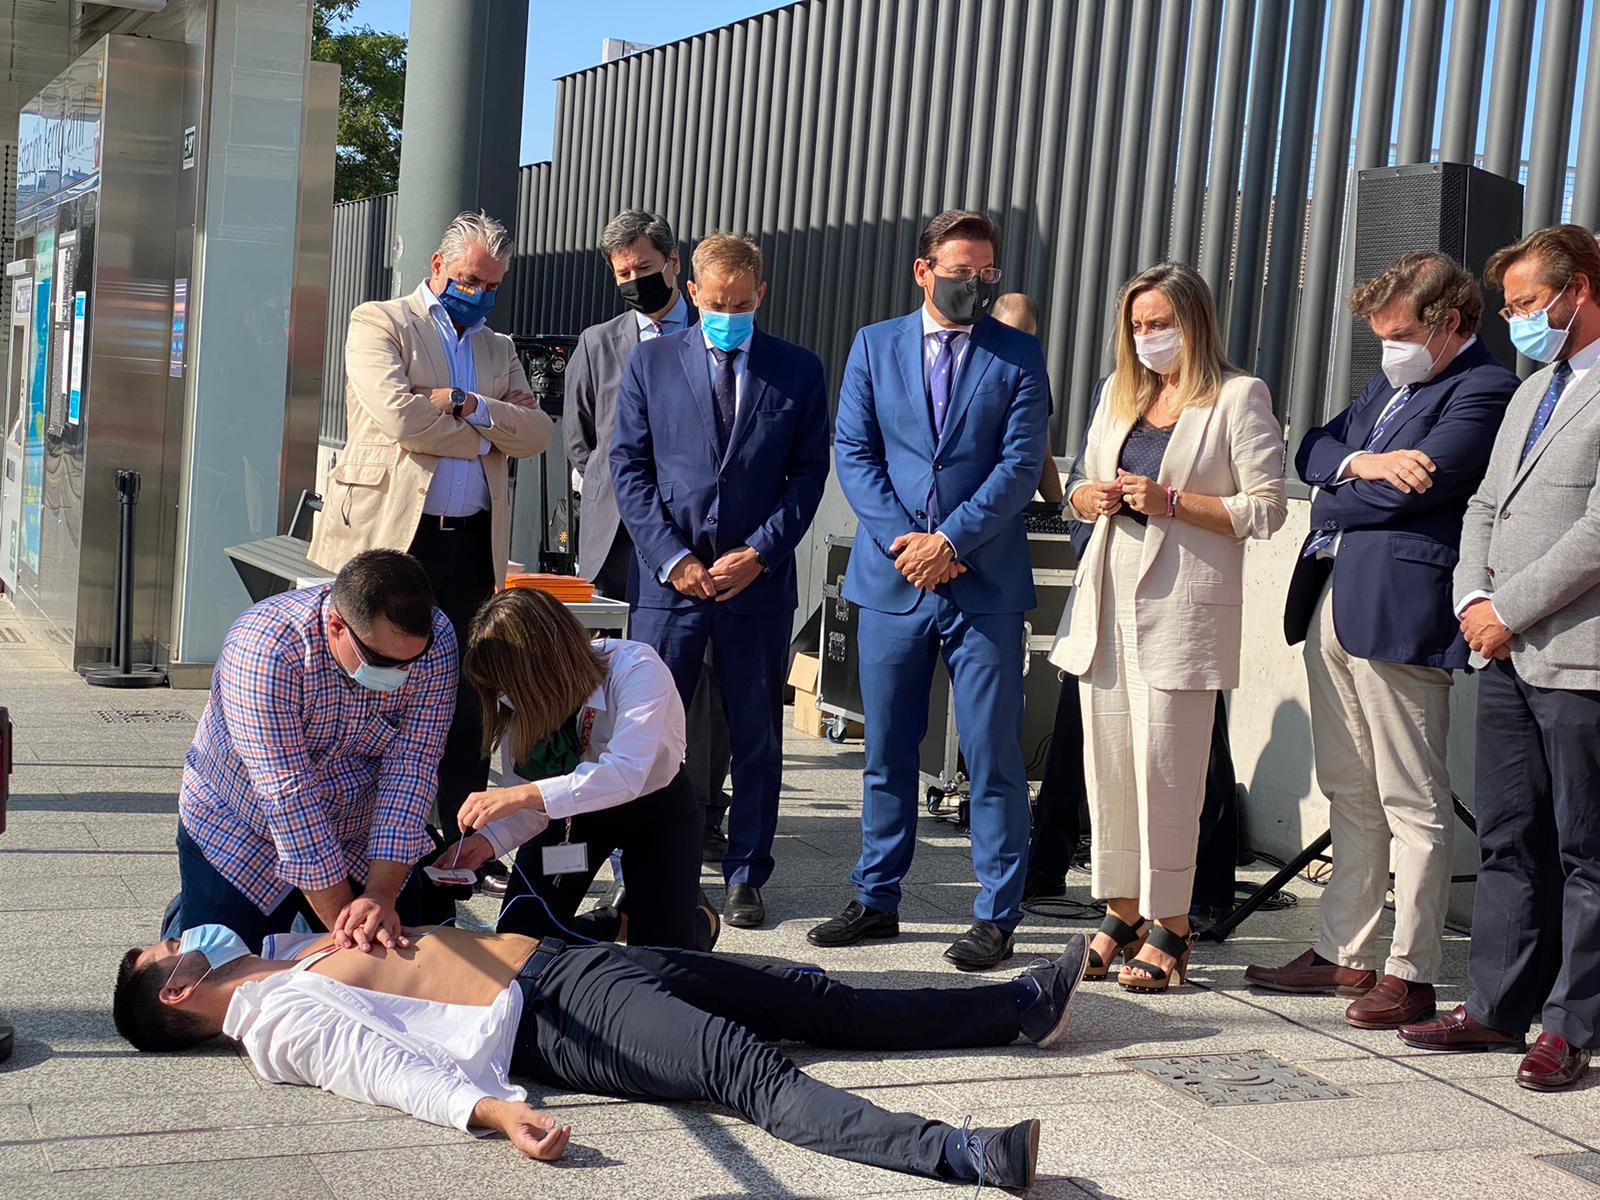 El Metro celebra su tercer aniversario convirtiéndose en un pasillo cardiosaludable